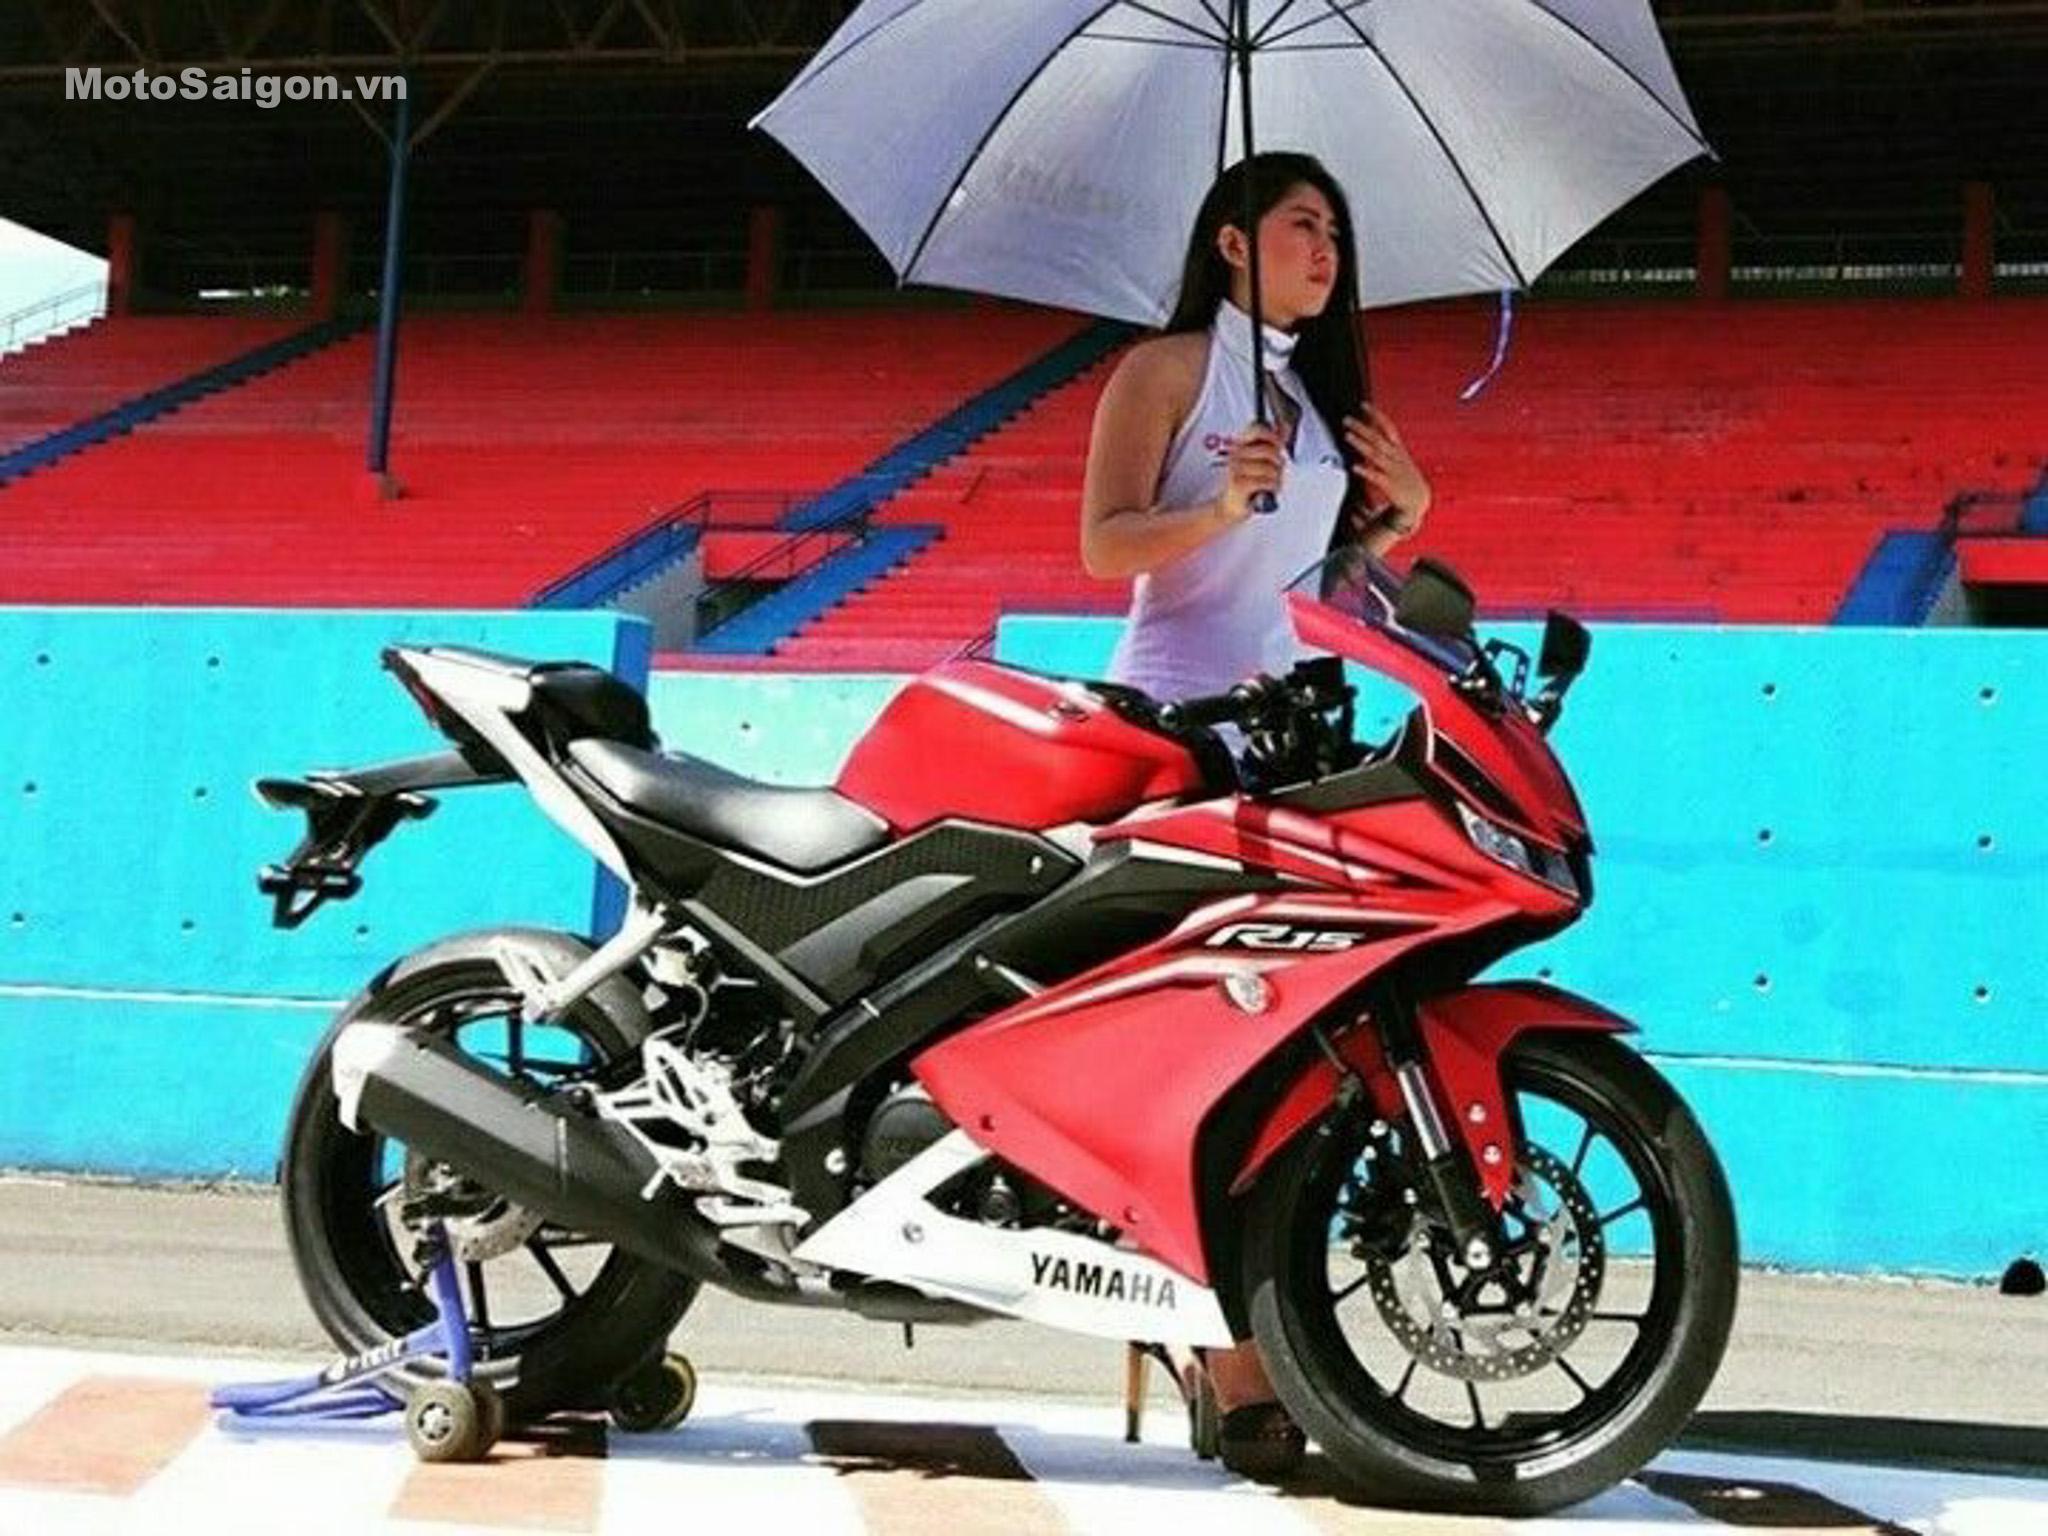 danh-gia-xe-yamaha-r15-v3-2017-hinh-anh-motosaigon-8